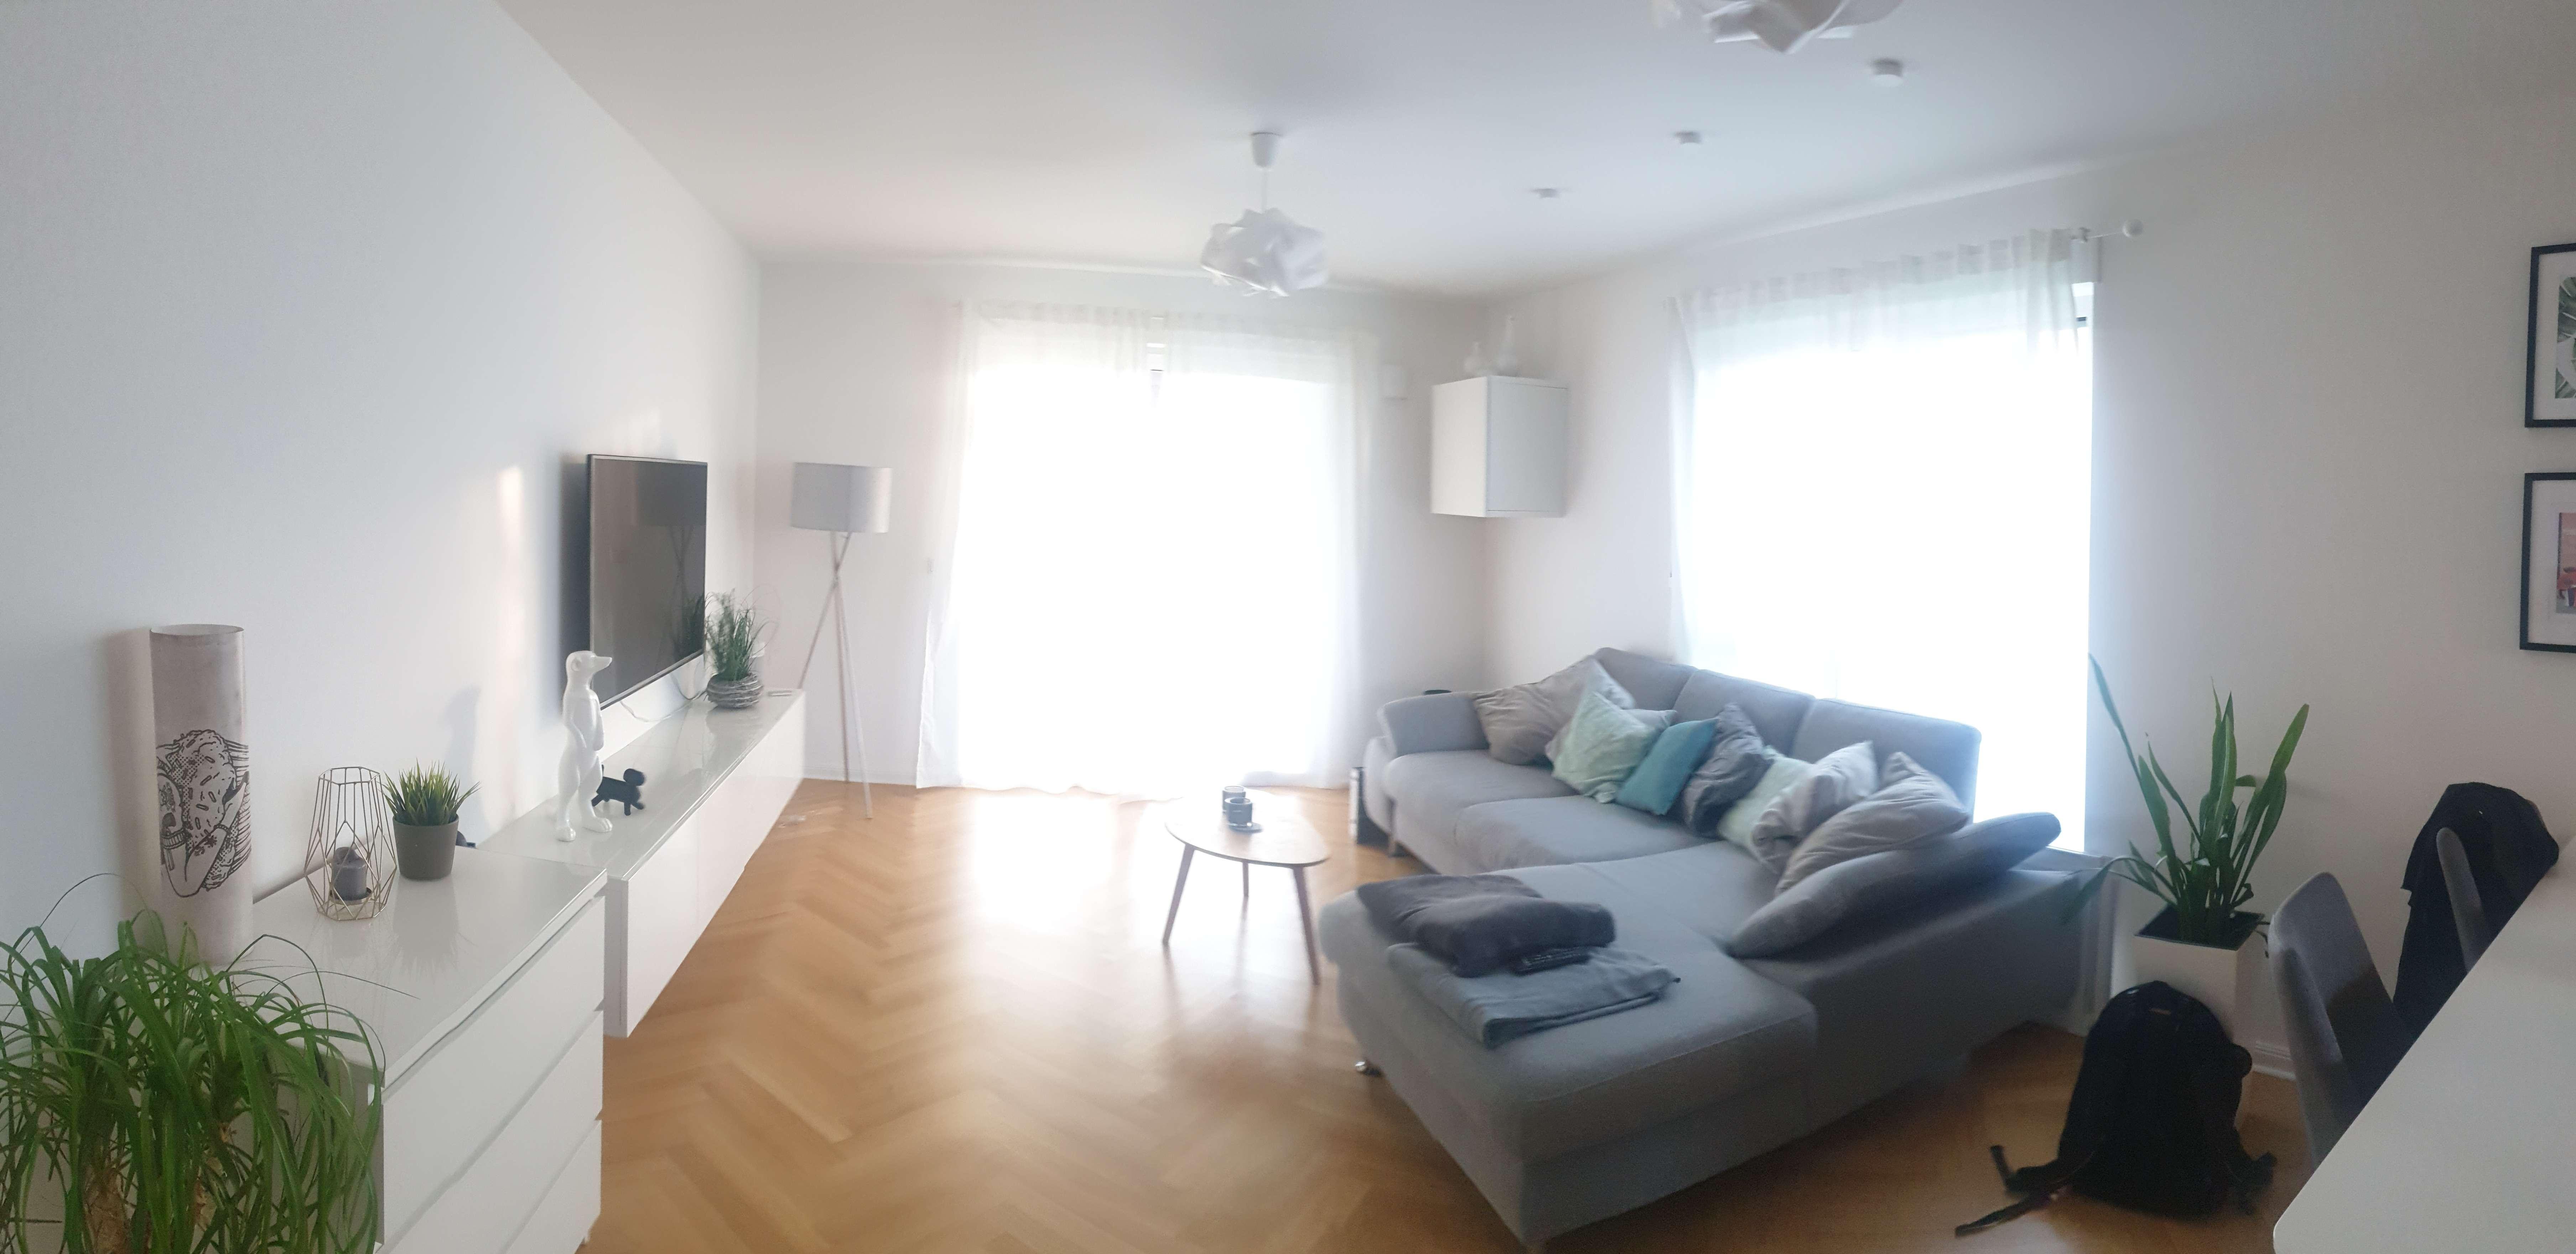 Stilvolle 3-Zimmer-Erdgeschosswohnung mit Garten und EBK in Ingolstadt in Südost (Ingolstadt)